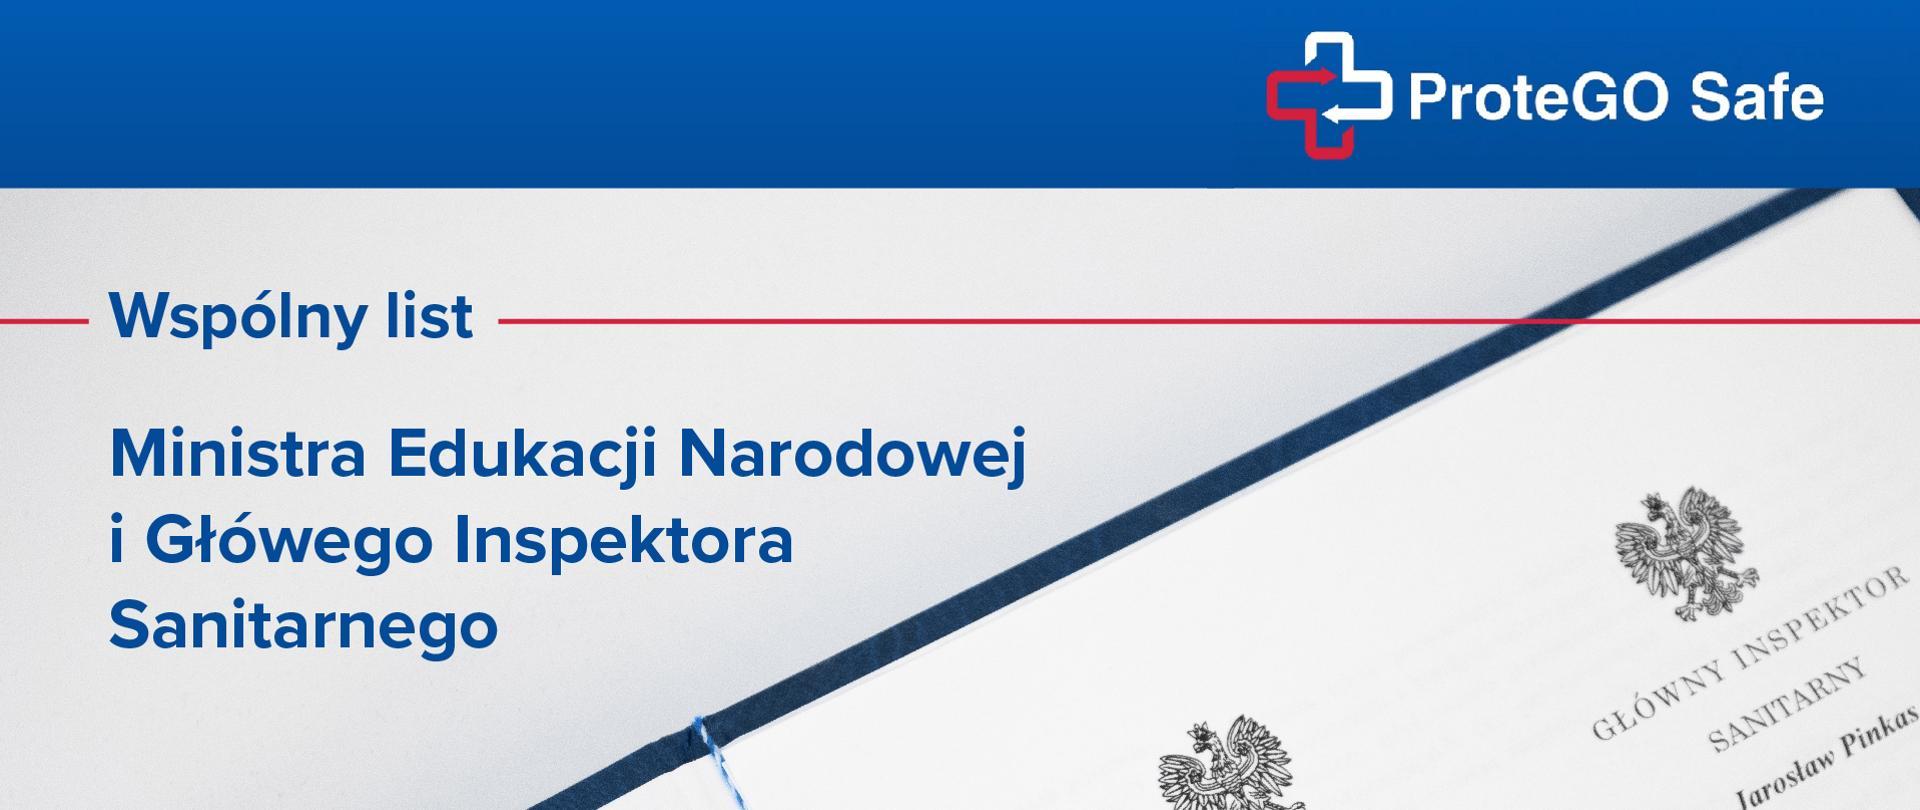 Grafika z tekstem 'ProteGO Safe. Wspólny list Ministra Edukacji Narodowej i Głównego Inspektora Sanitarnego'